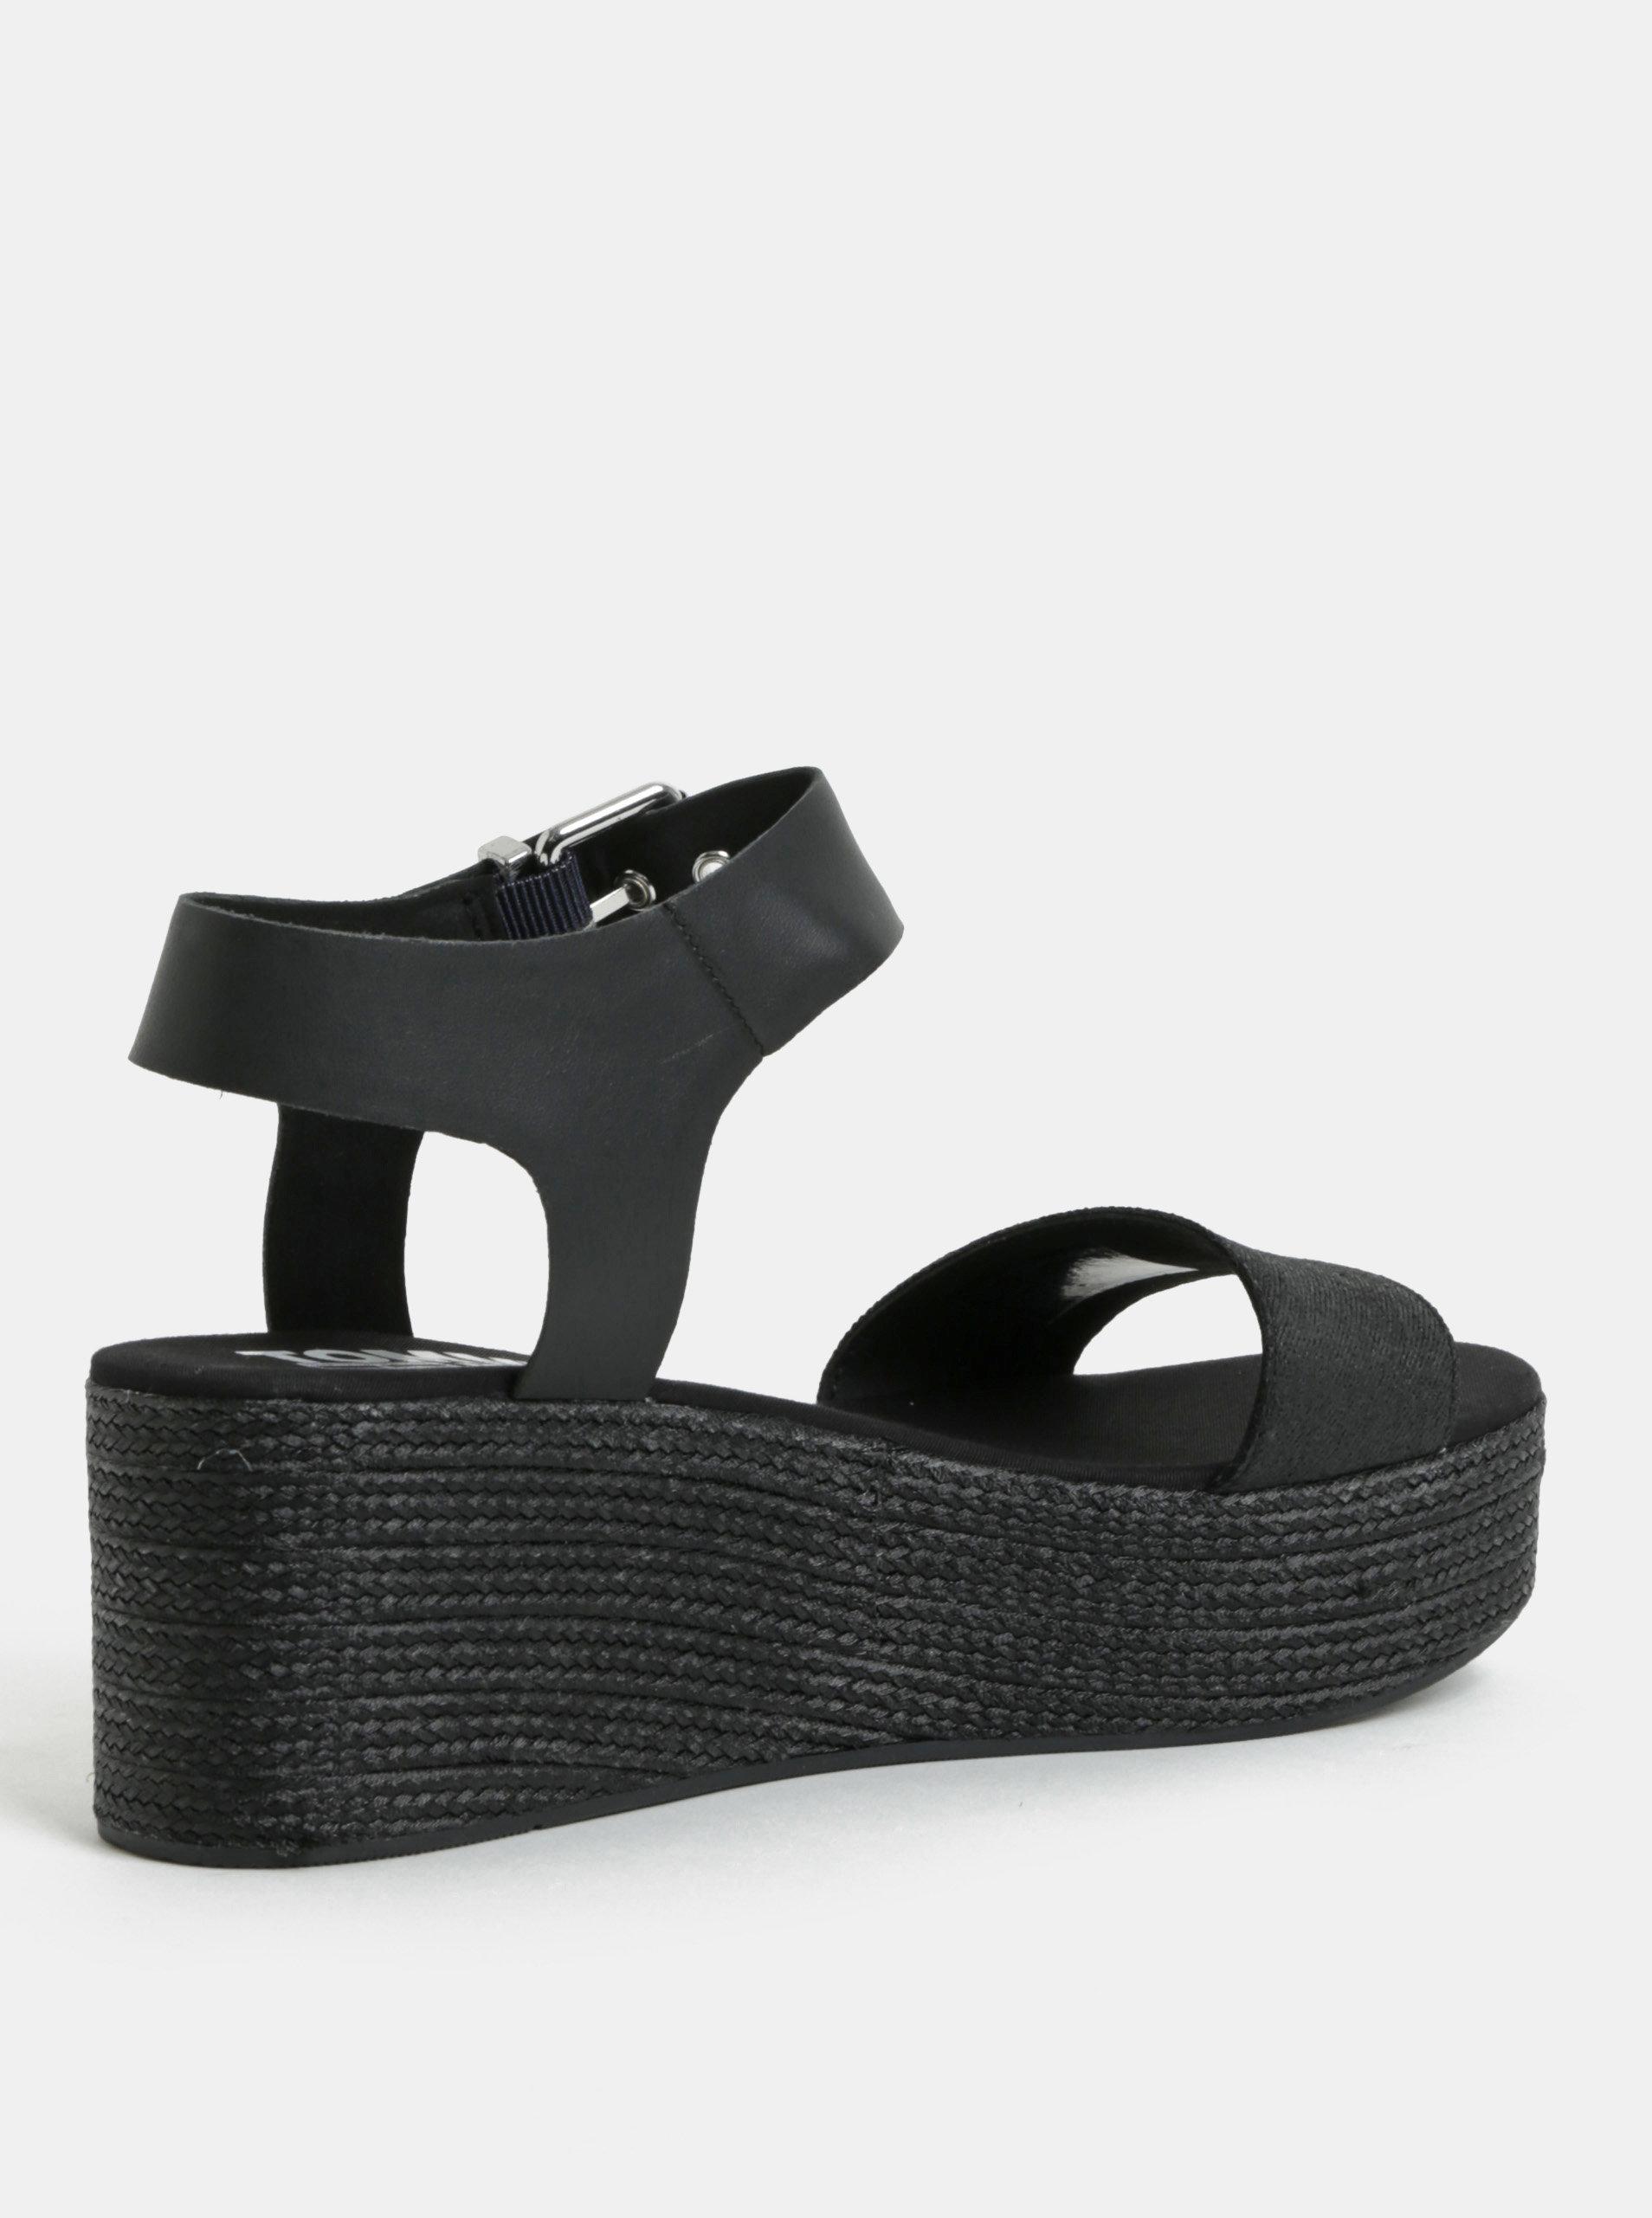 54a52fea246e Čierne dámske sandále na klinovom podpätku Tommy Hilfiger ...